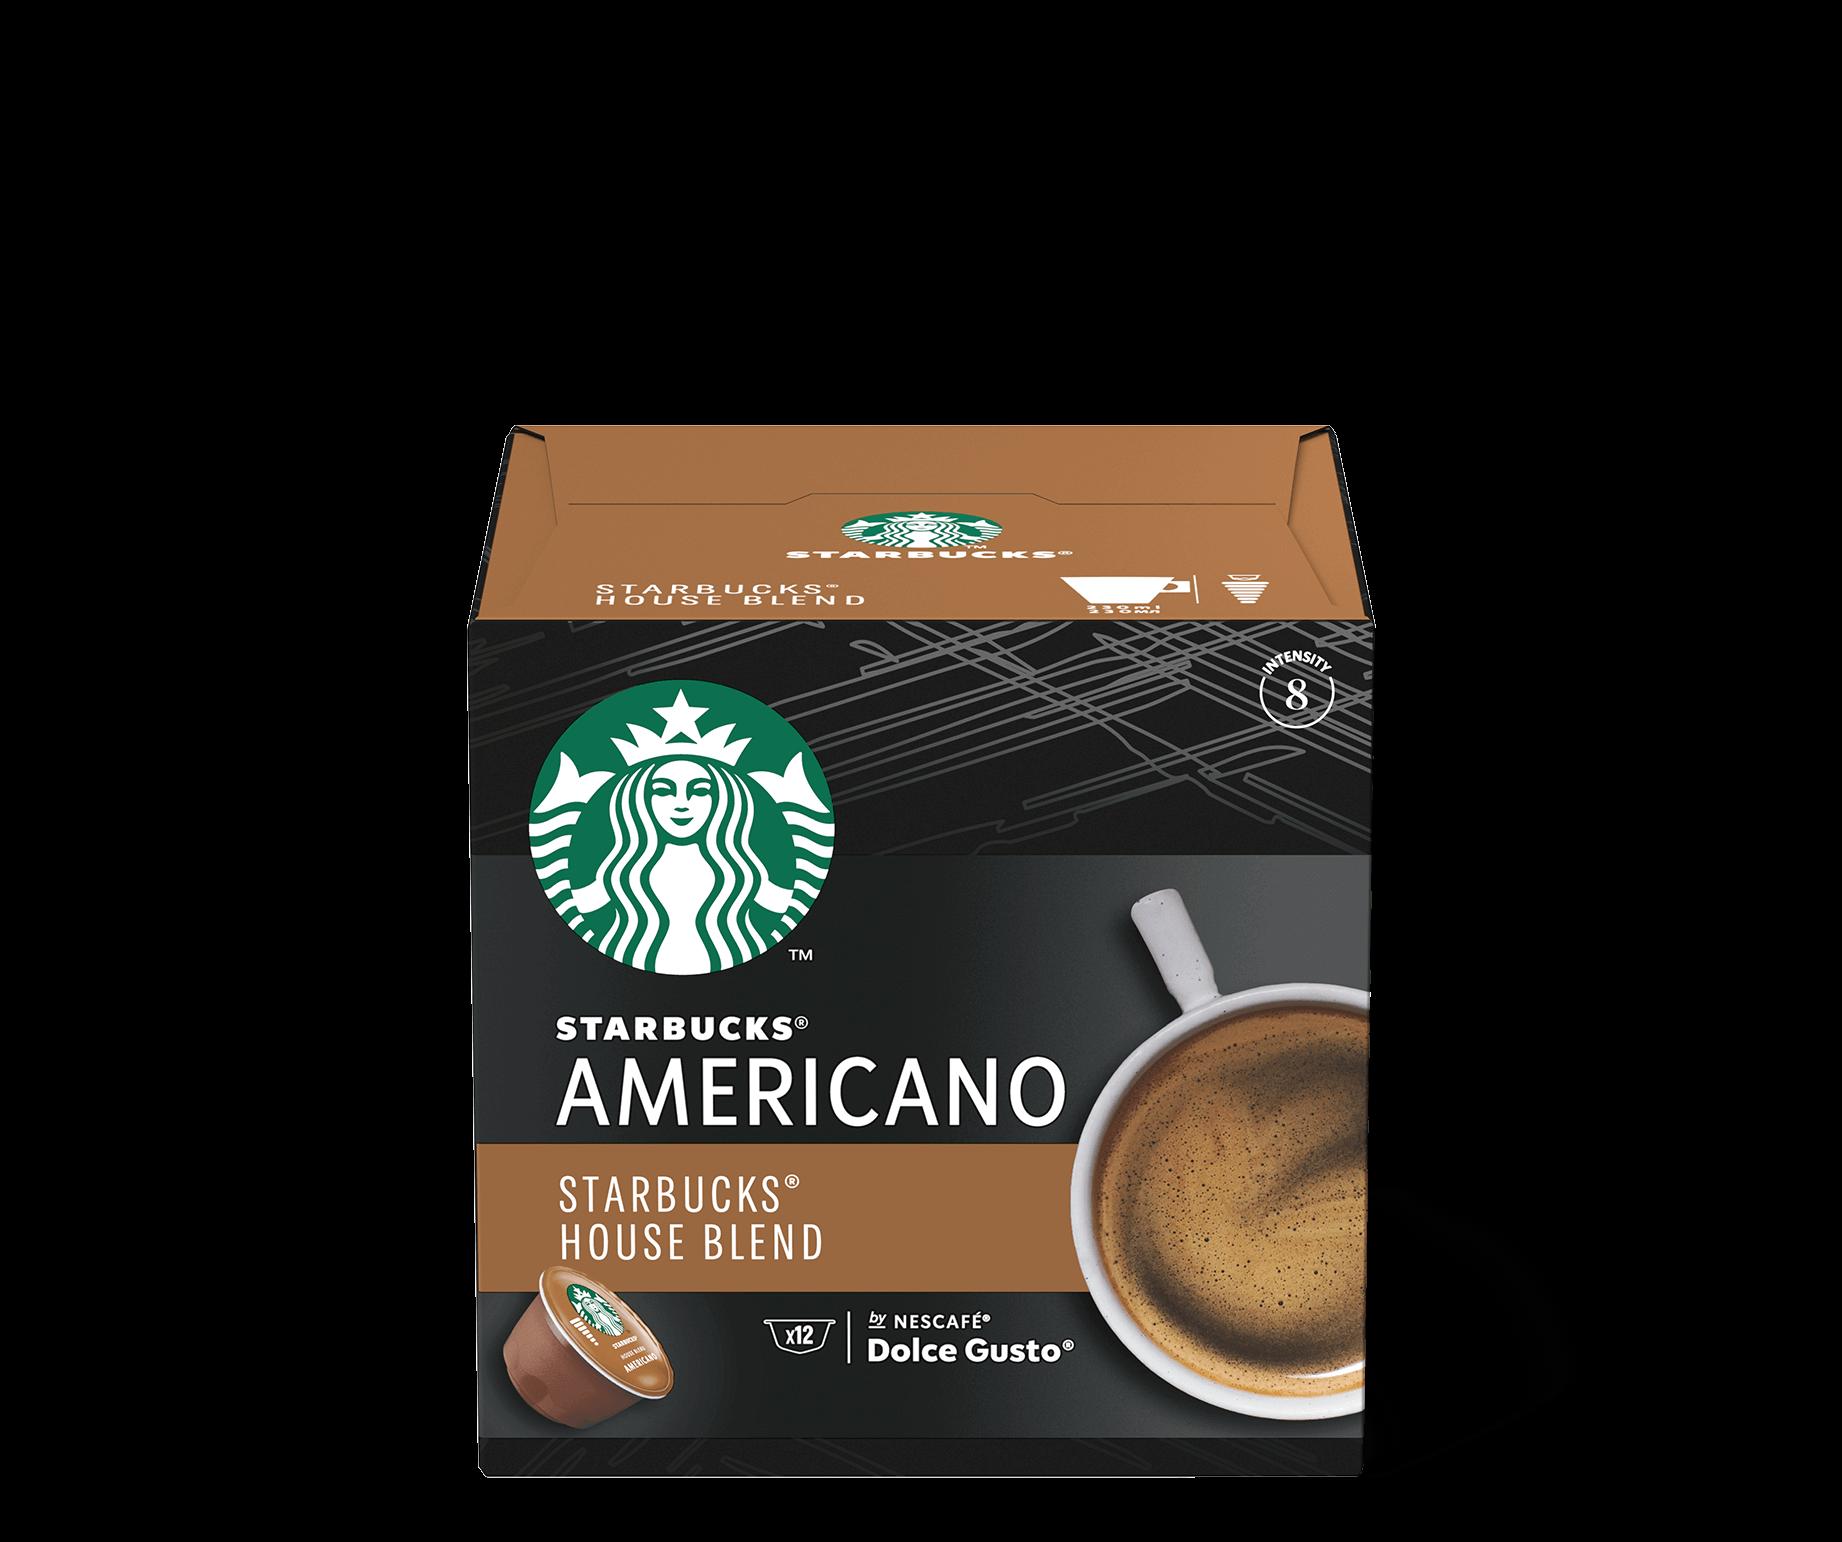 Confezione Capsule Starbucks House Blend Americano by Nescafé DolceGusto